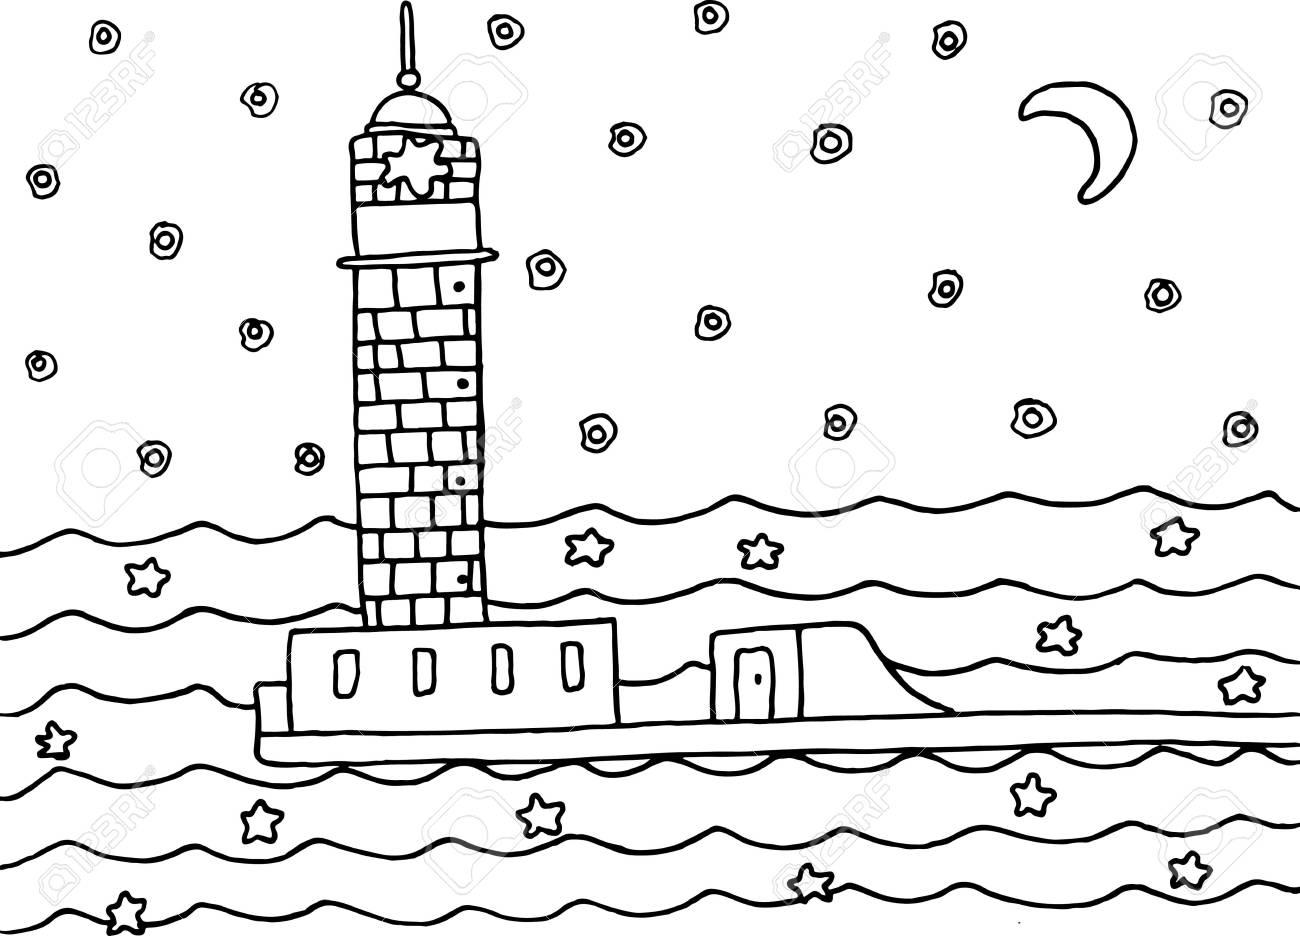 Dibujo Para Colorear Con Faro En El Mar De La Noche Ilustración Vectorial Dibujado A Mano En Blanco Y Negro Para El Libro De Adultos O Niños Diseño